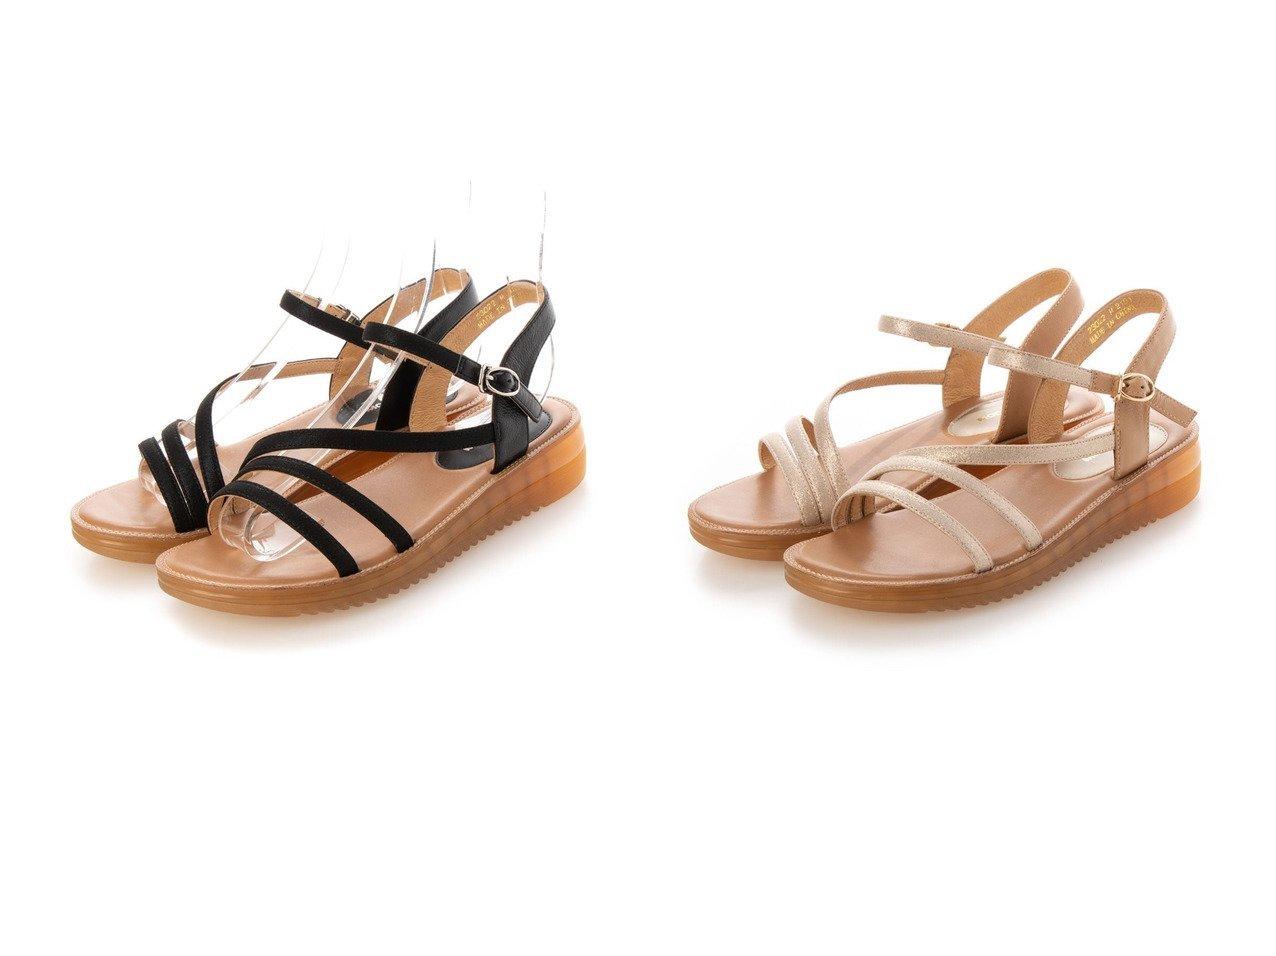 【MODE KAORI/モード カオリ】のプラットサンダル 23022 【シューズ・靴】おすすめ!人気トレンド・レディースファッション通販 おすすめで人気の流行・トレンド、ファッションの通販商品 インテリア・家具・メンズファッション・キッズファッション・レディースファッション・服の通販 founy(ファニー) https://founy.com/ ファッション Fashion レディースファッション WOMEN 春 Spring サンダル ストリング デニム トレンド パイソン プラット ラップ リラックス ロング 2021年 2021 S/S・春夏 SS・Spring/Summer 2021春夏・S/S SS/Spring/Summer/2021 おすすめ Recommend 夏 Summer |ID:crp329100000046880